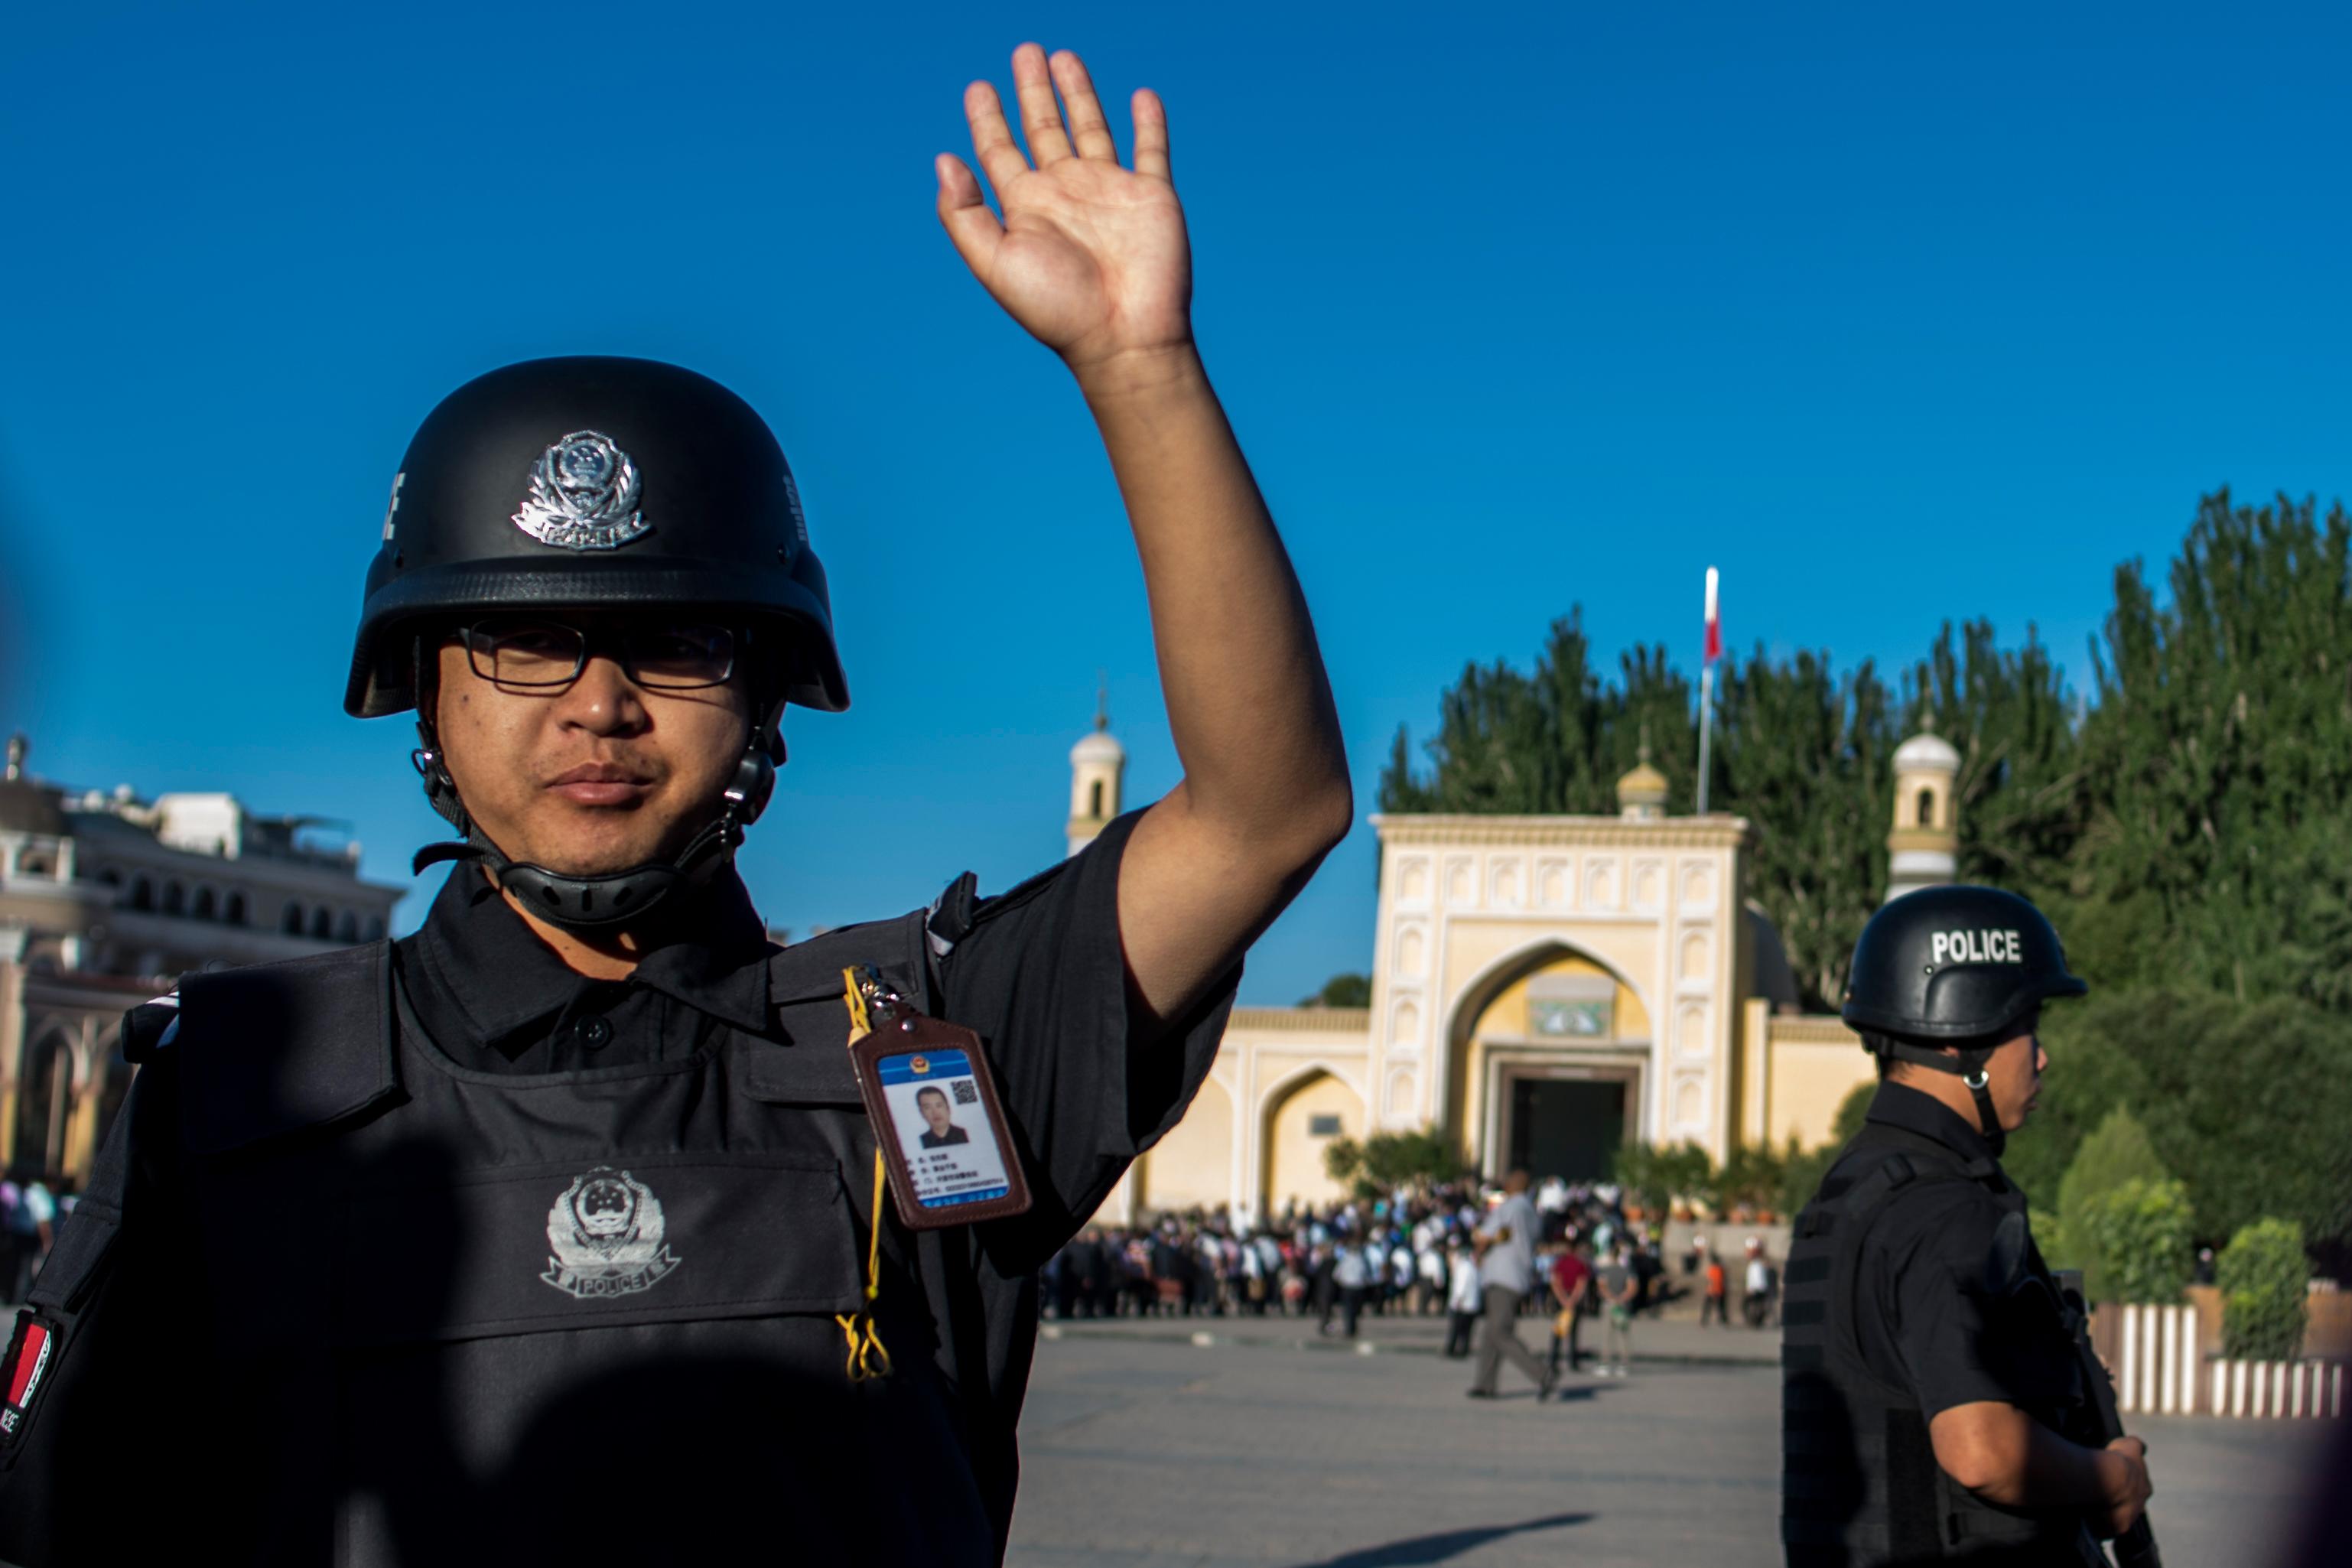 ENSZ: Akár egymillió ujgur is lehet titkos táborokban Kínában